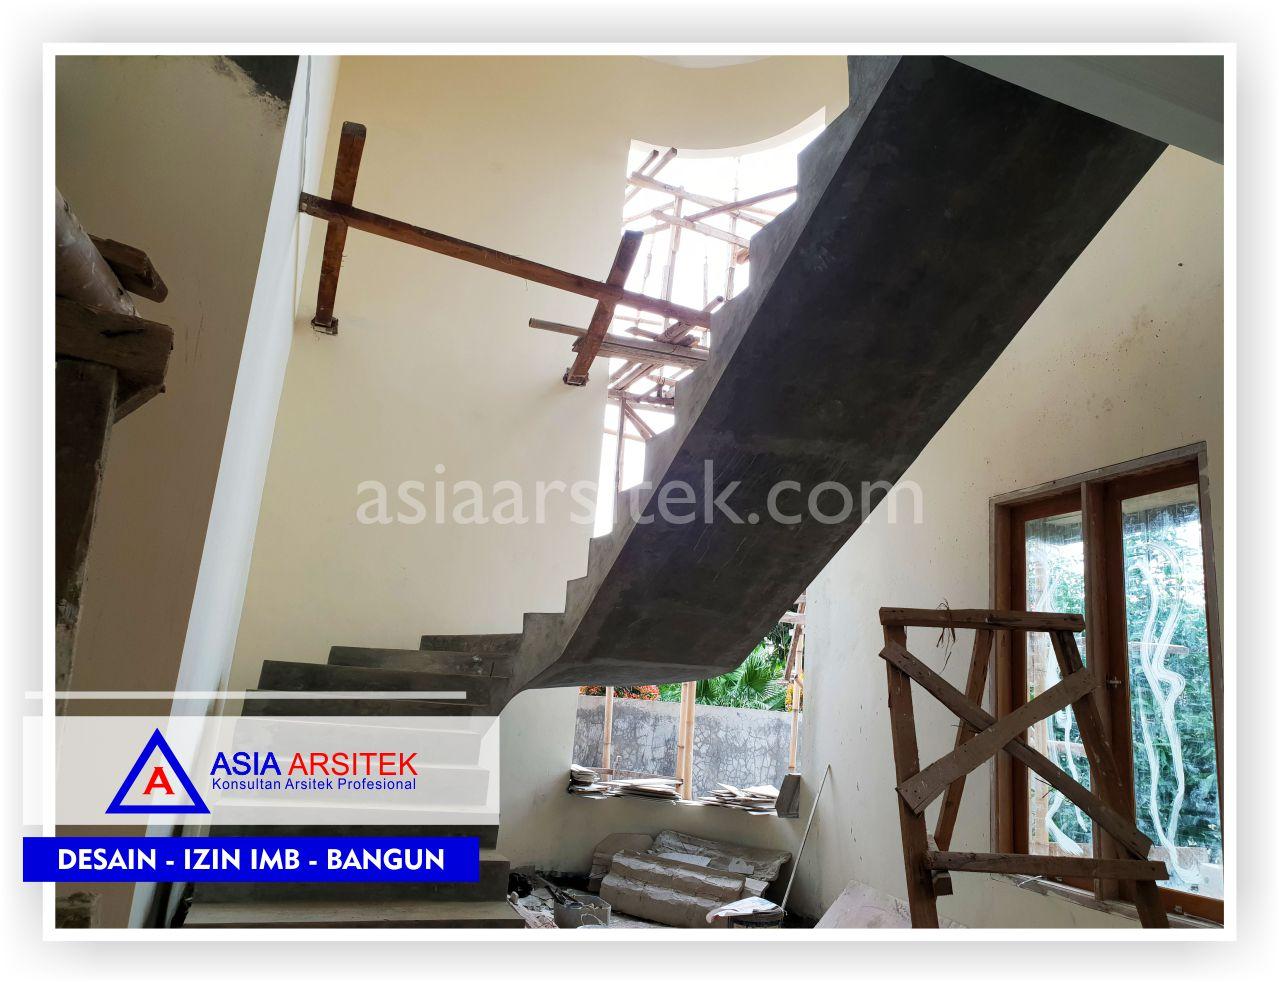 Area Tangga Rumah Klasik Mewah Bu Iis - Arsitek Desain Rumah Minimalis Modern Di Bandung-Tangerang-Bogor-Bekasi-Jakarta-Jasa Konsultan Desain Arsitek Profesional (1)